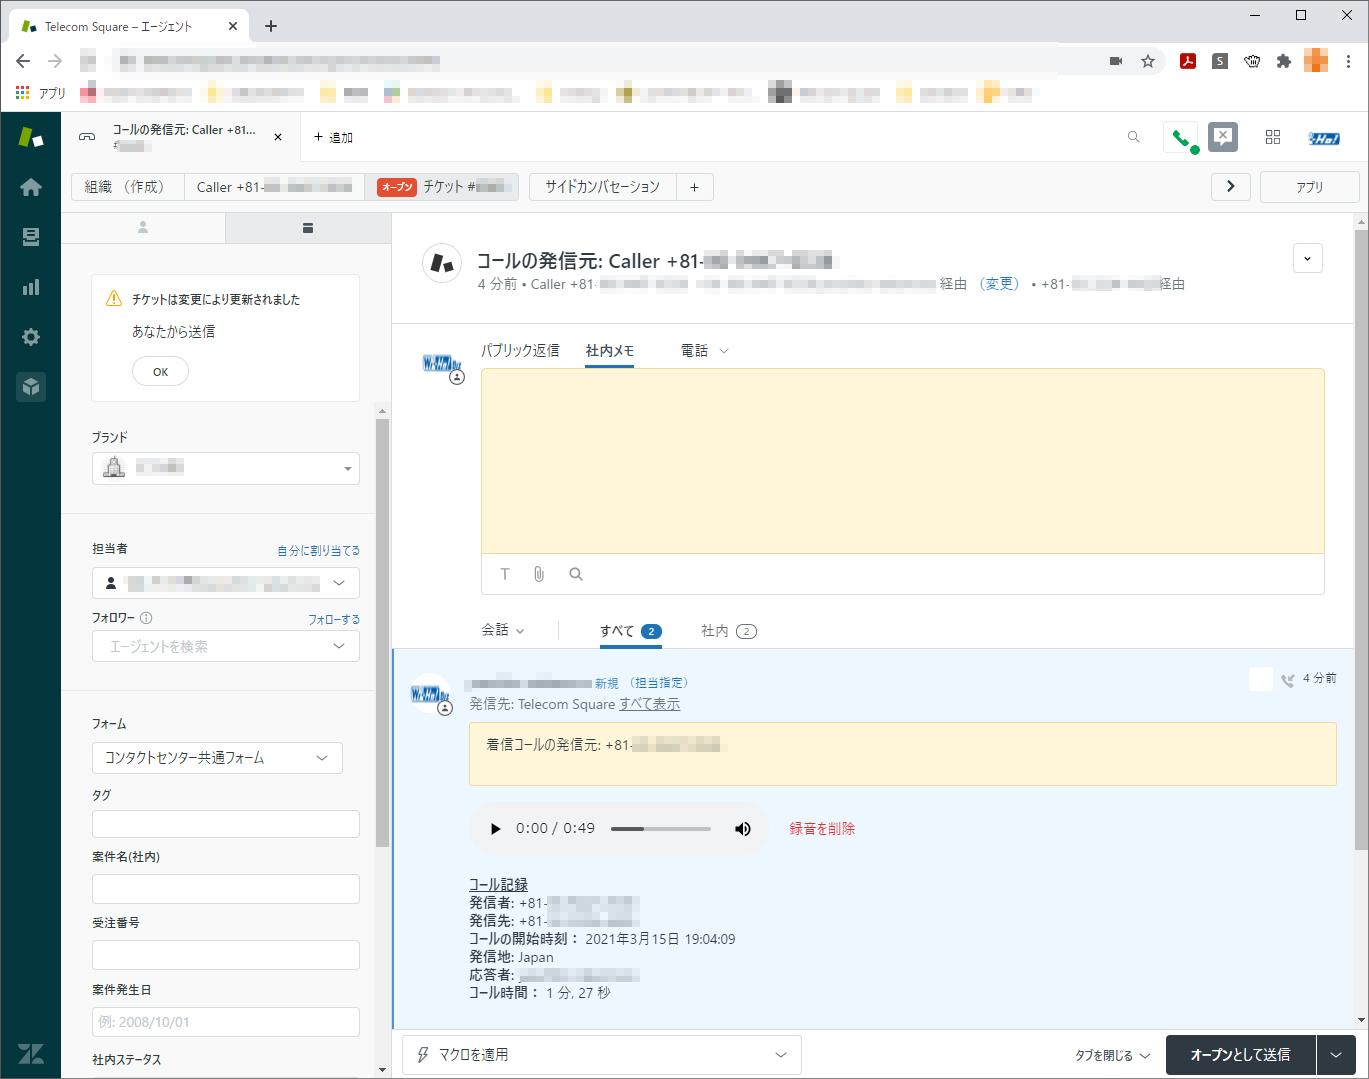 Zendeskのコールセンターシステムの使用例:コール内容が自動的に録音されるため、必要に応じてあとで確認できる